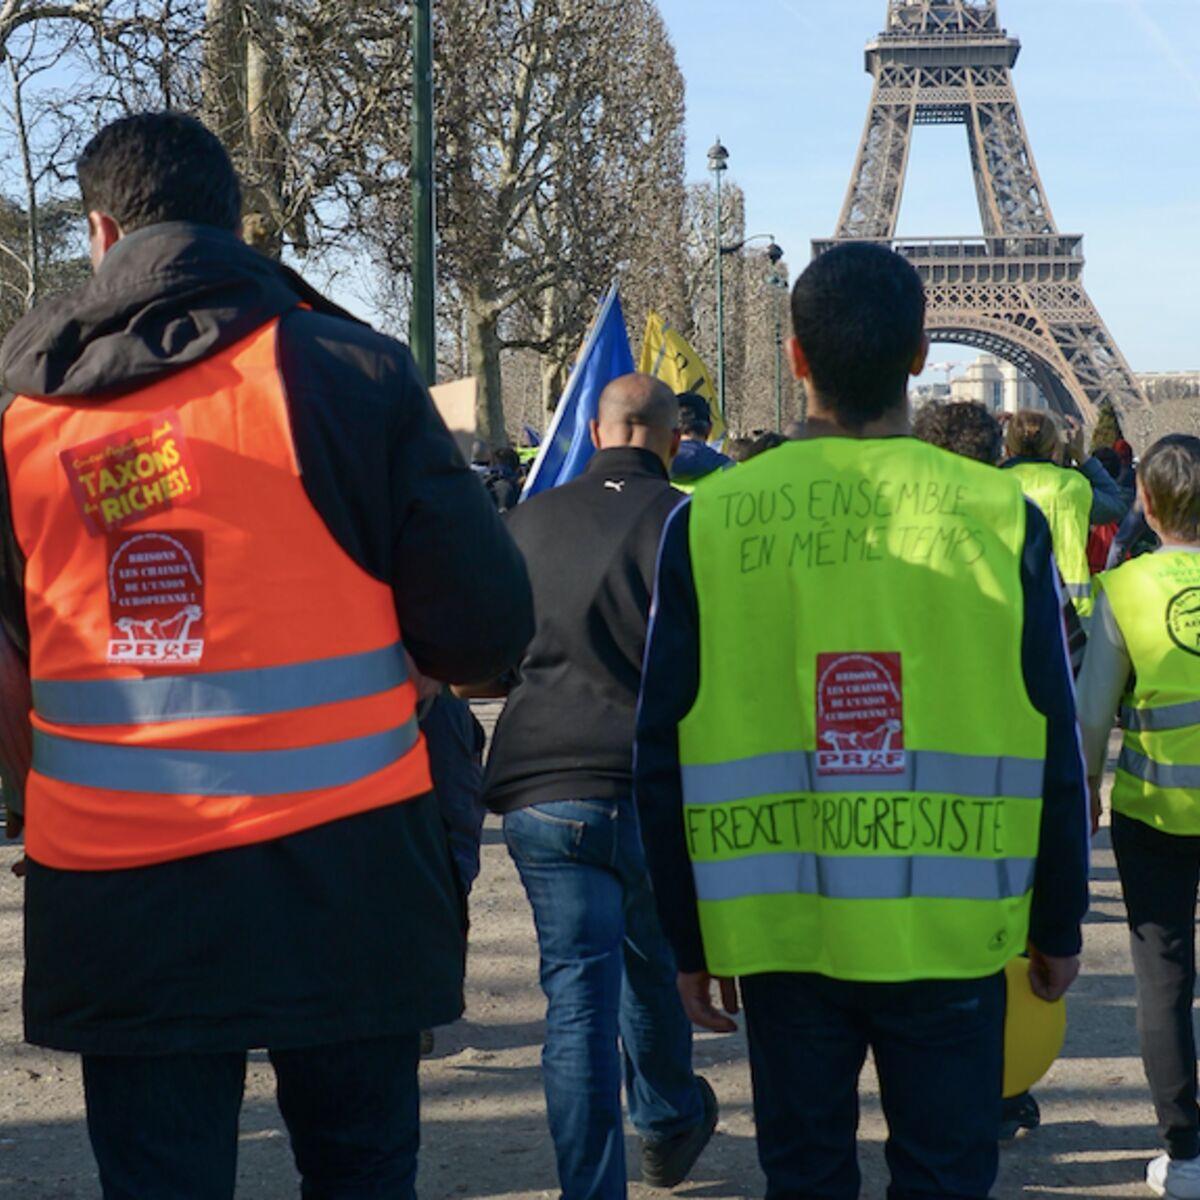 France: Les gilets jaunes ont leur site de rencontre - Le Matin